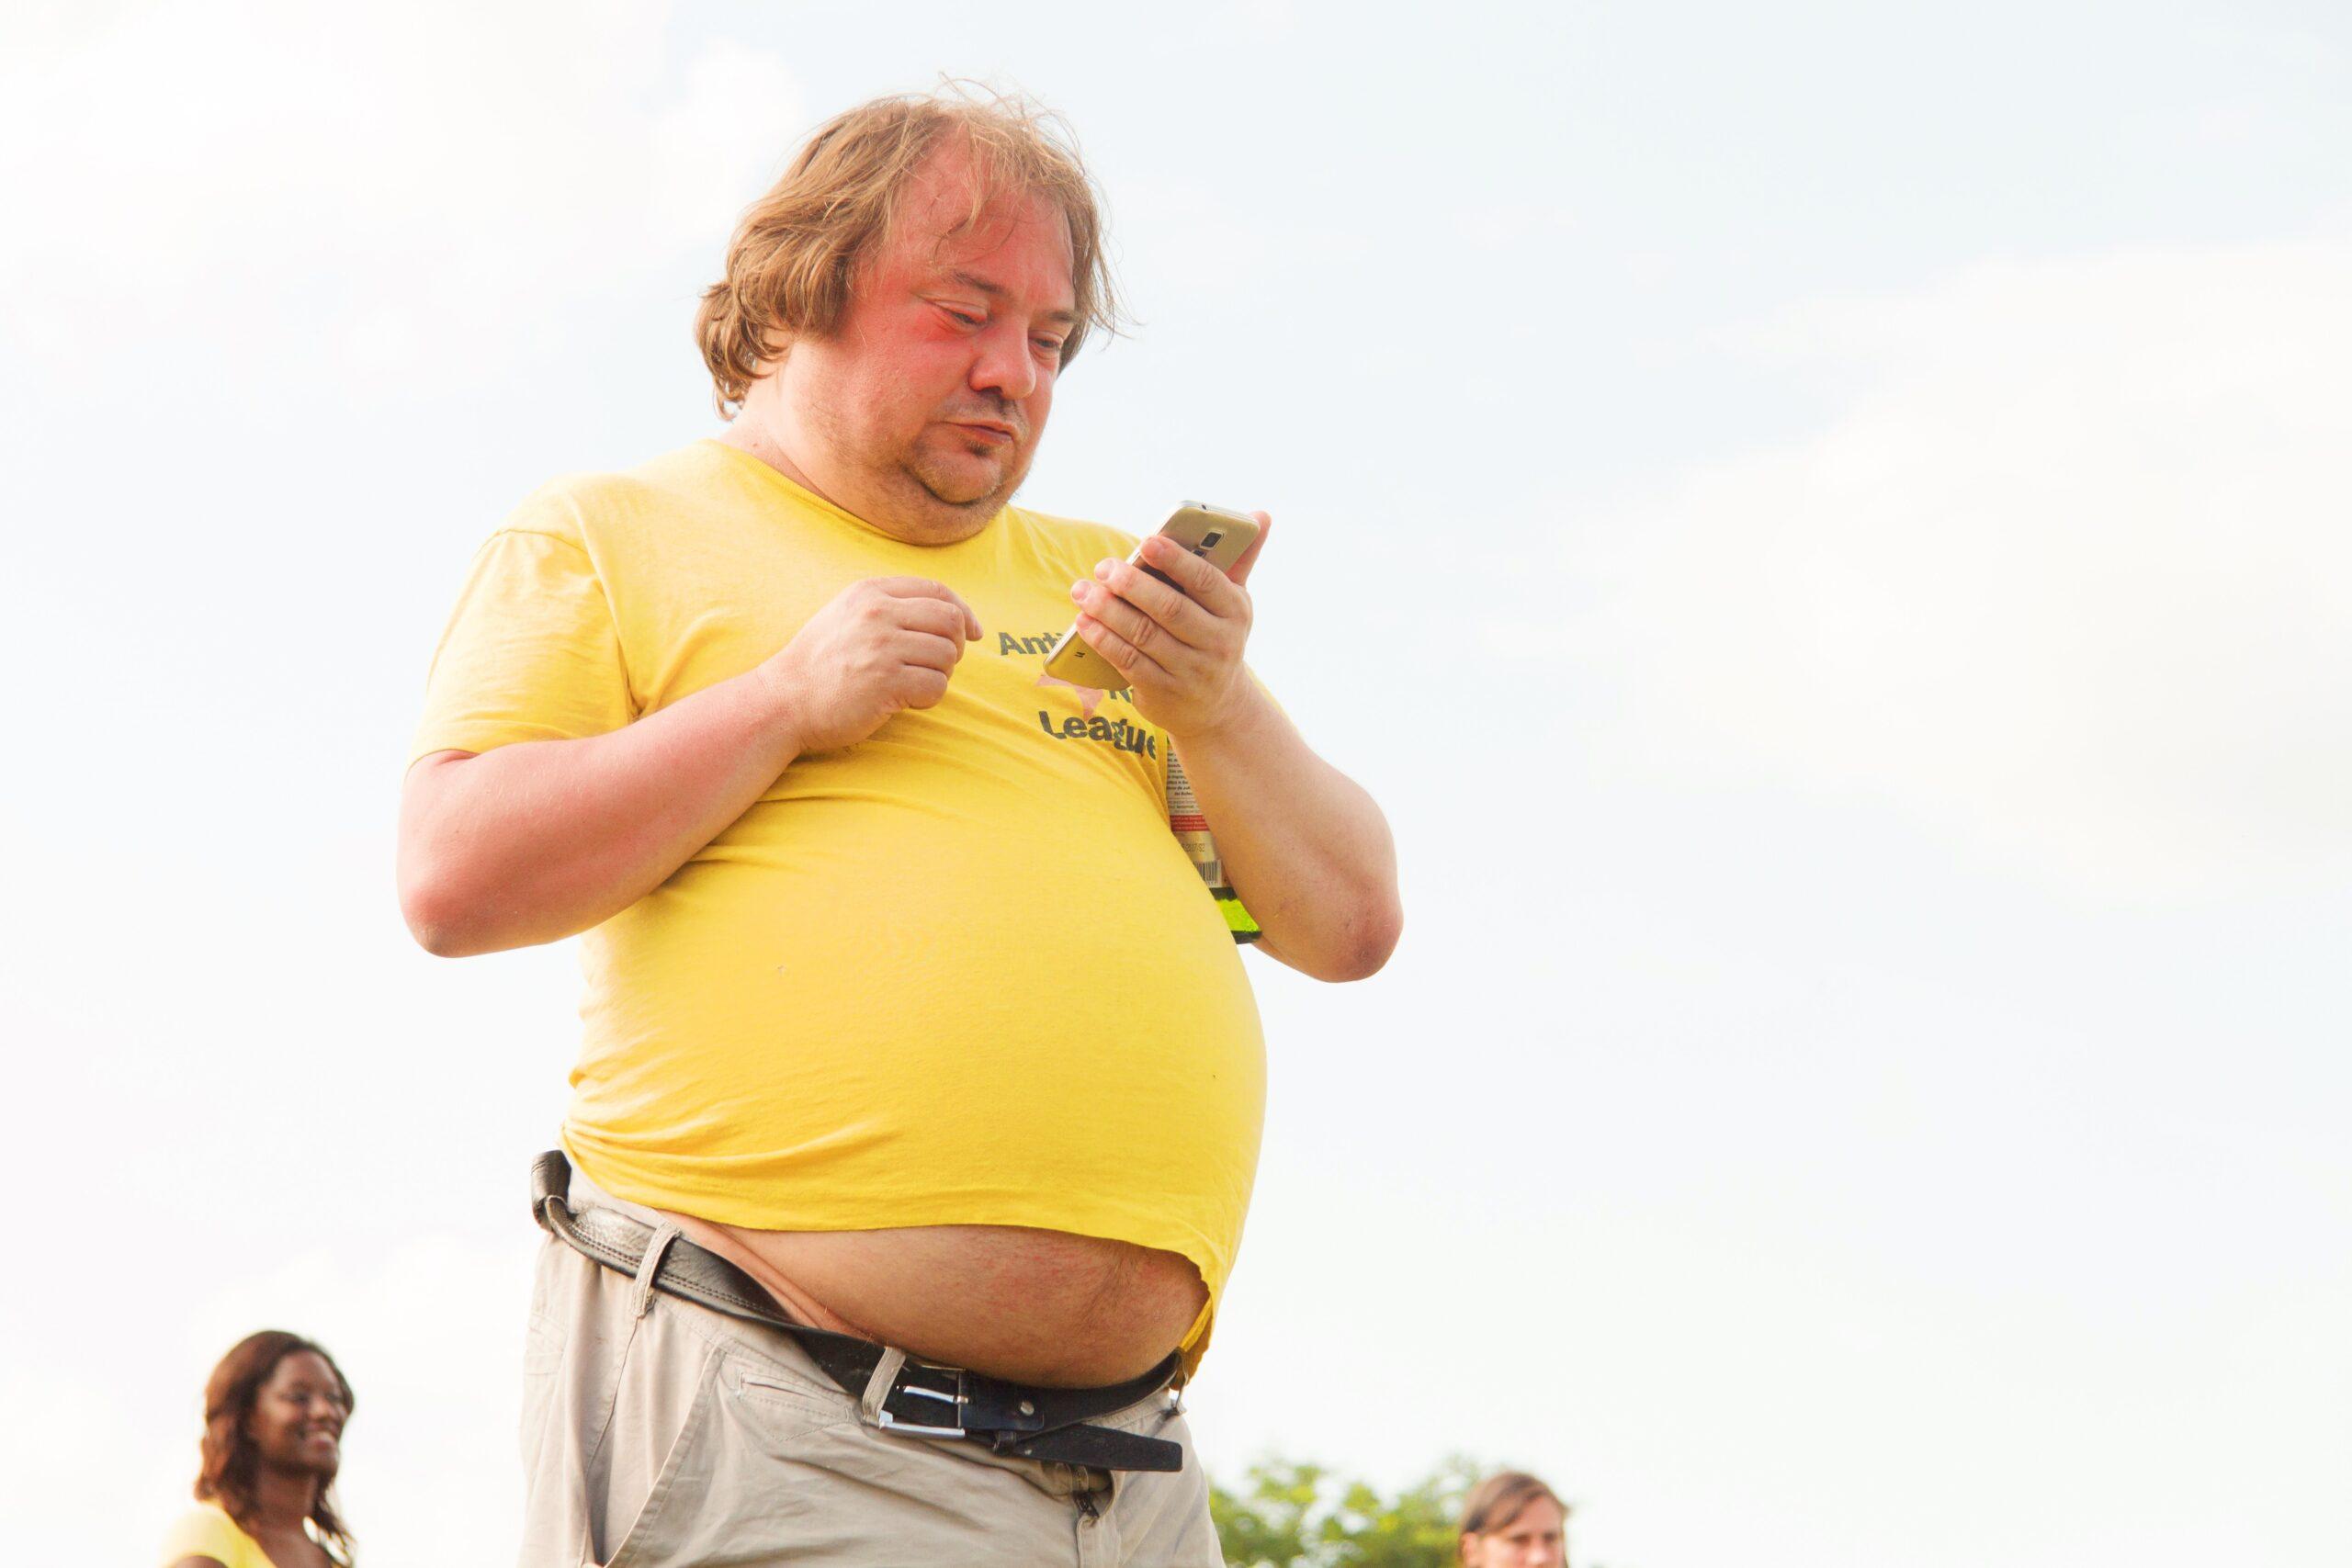 40代のおっさんが体脂肪率23%から15%に落とせたダイエットとは?